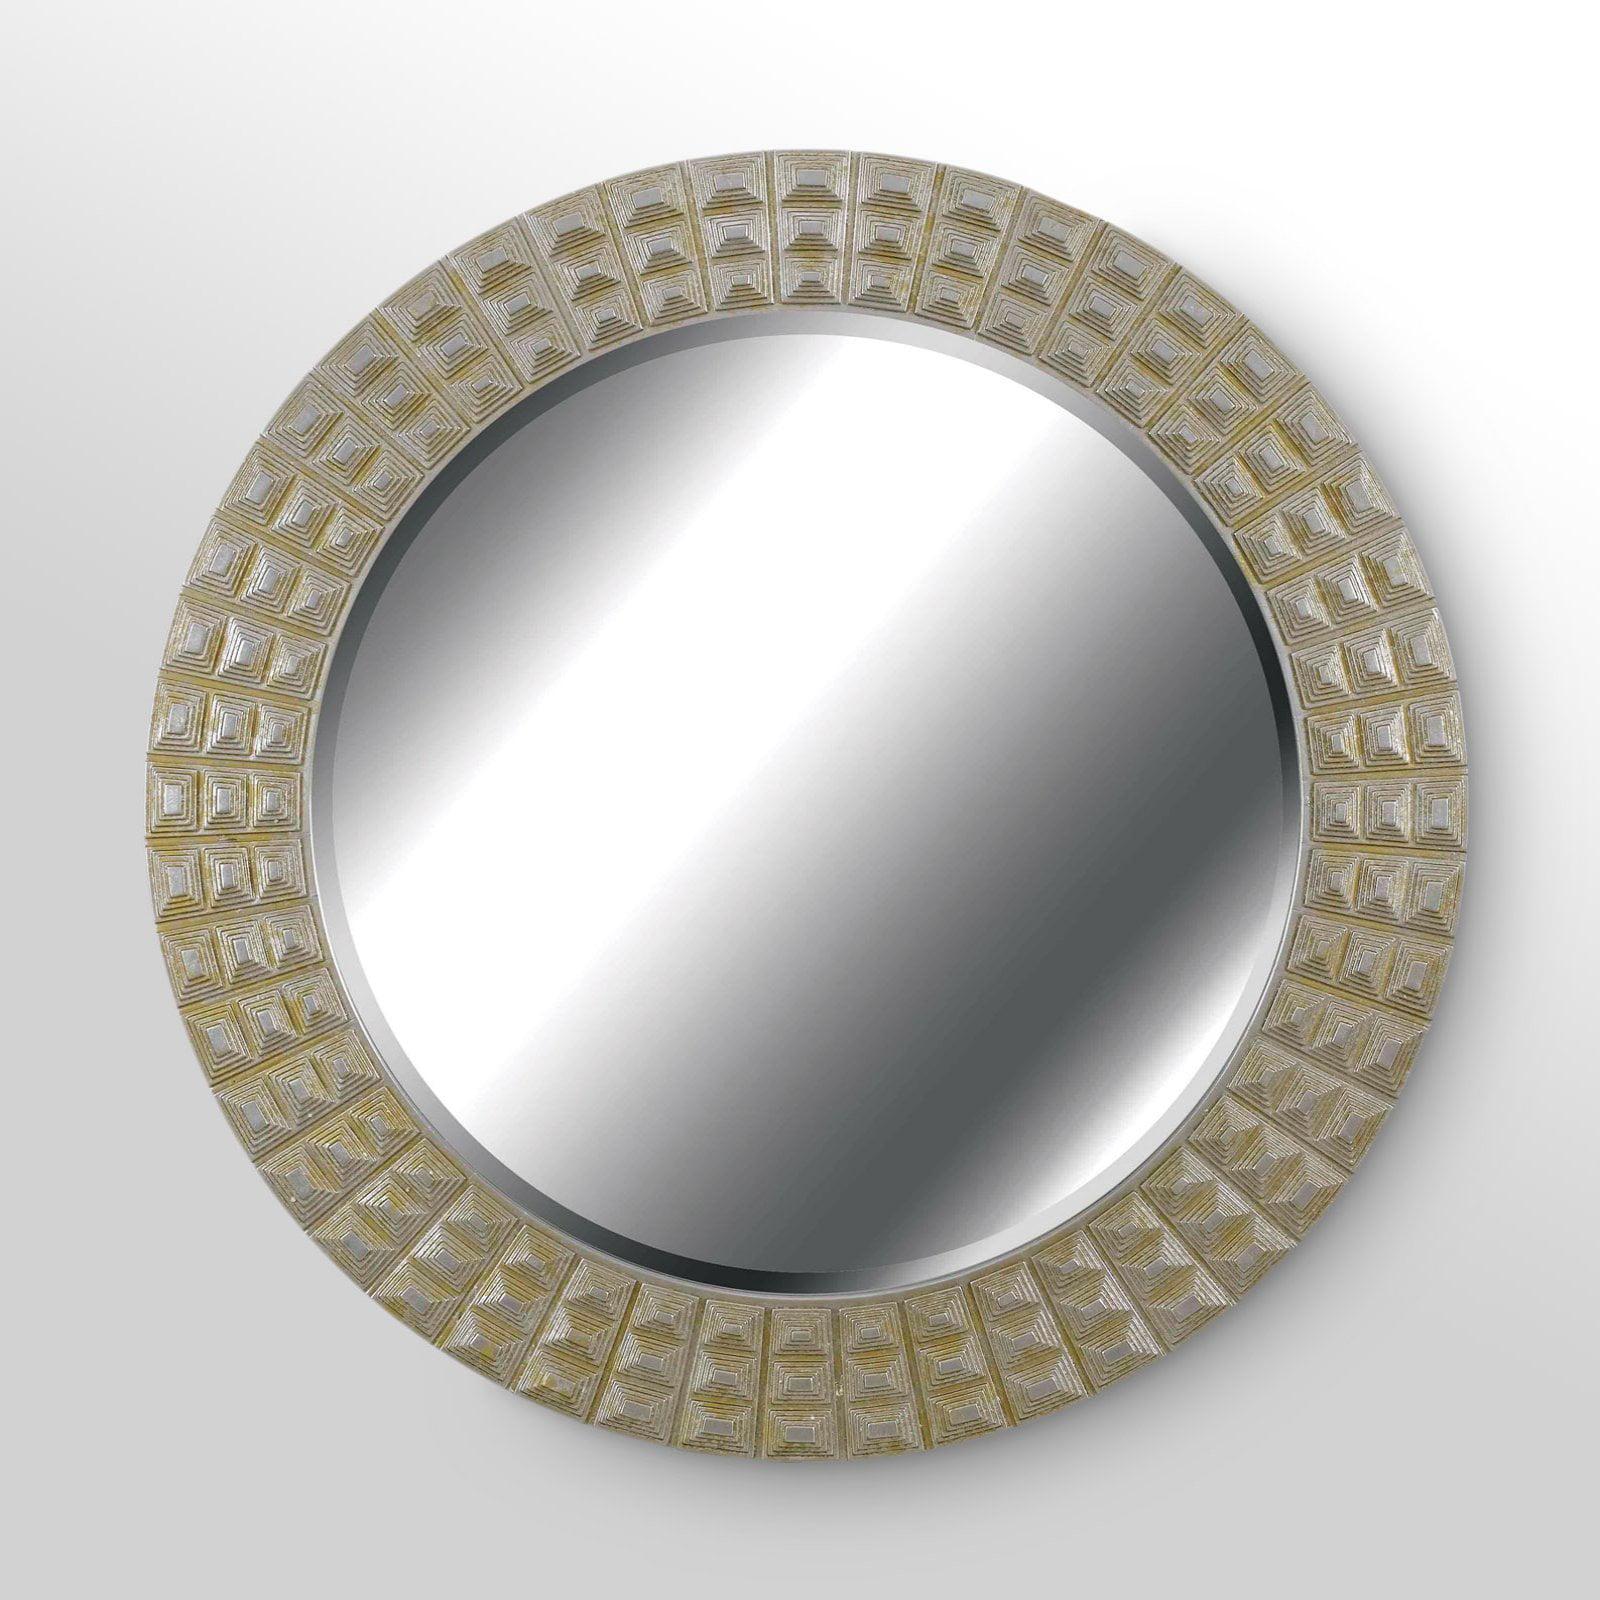 Bezel Wall Mirror - 32 diam.in.